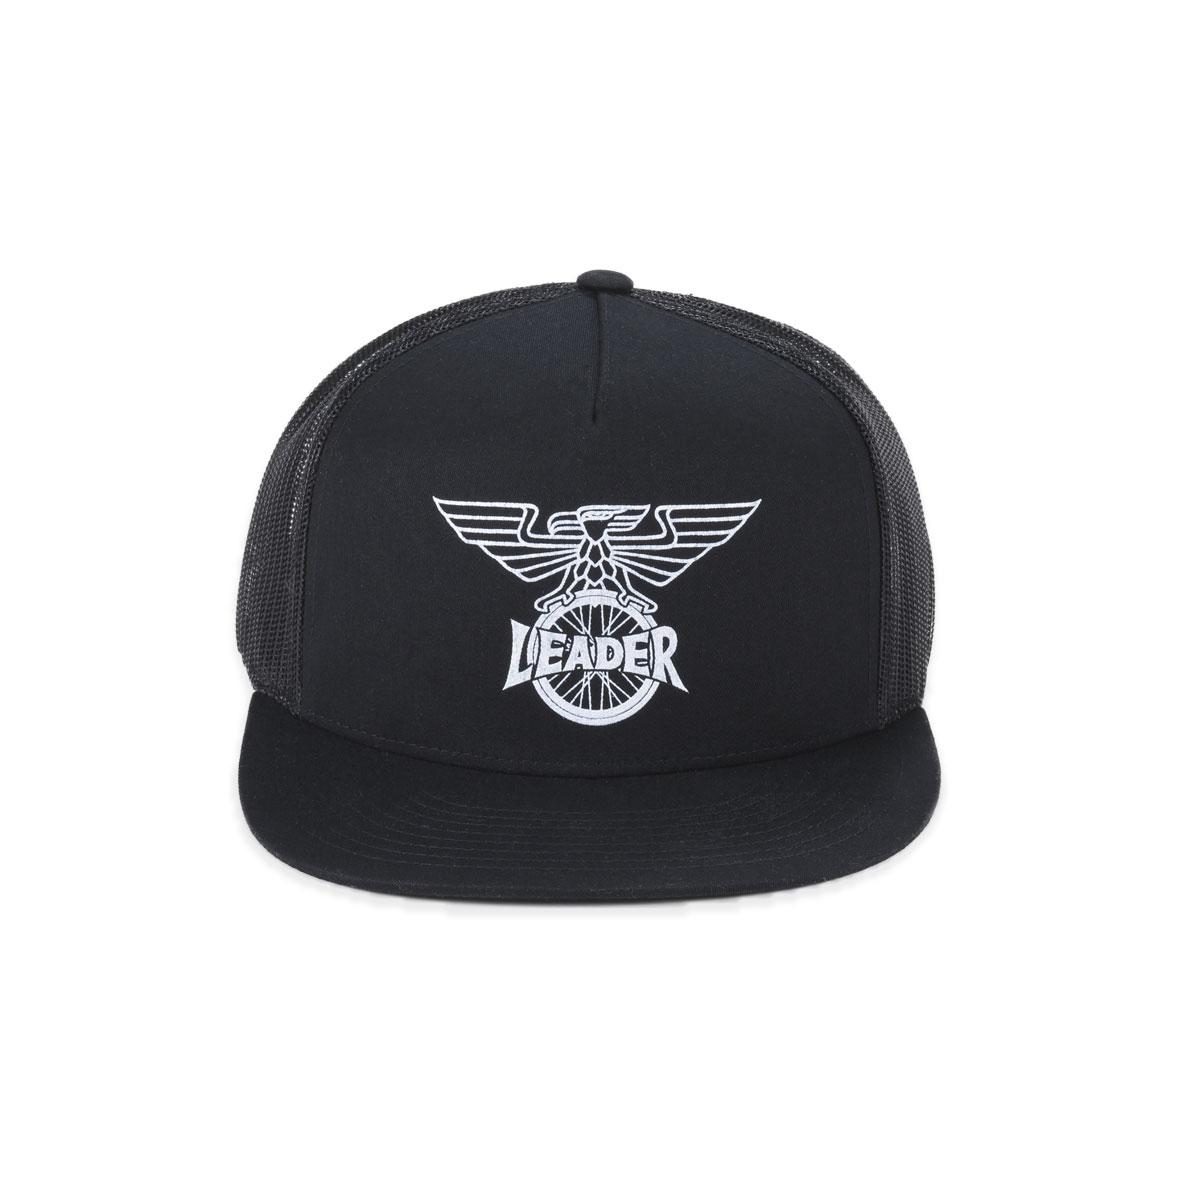 SHOCKER RACING CAP